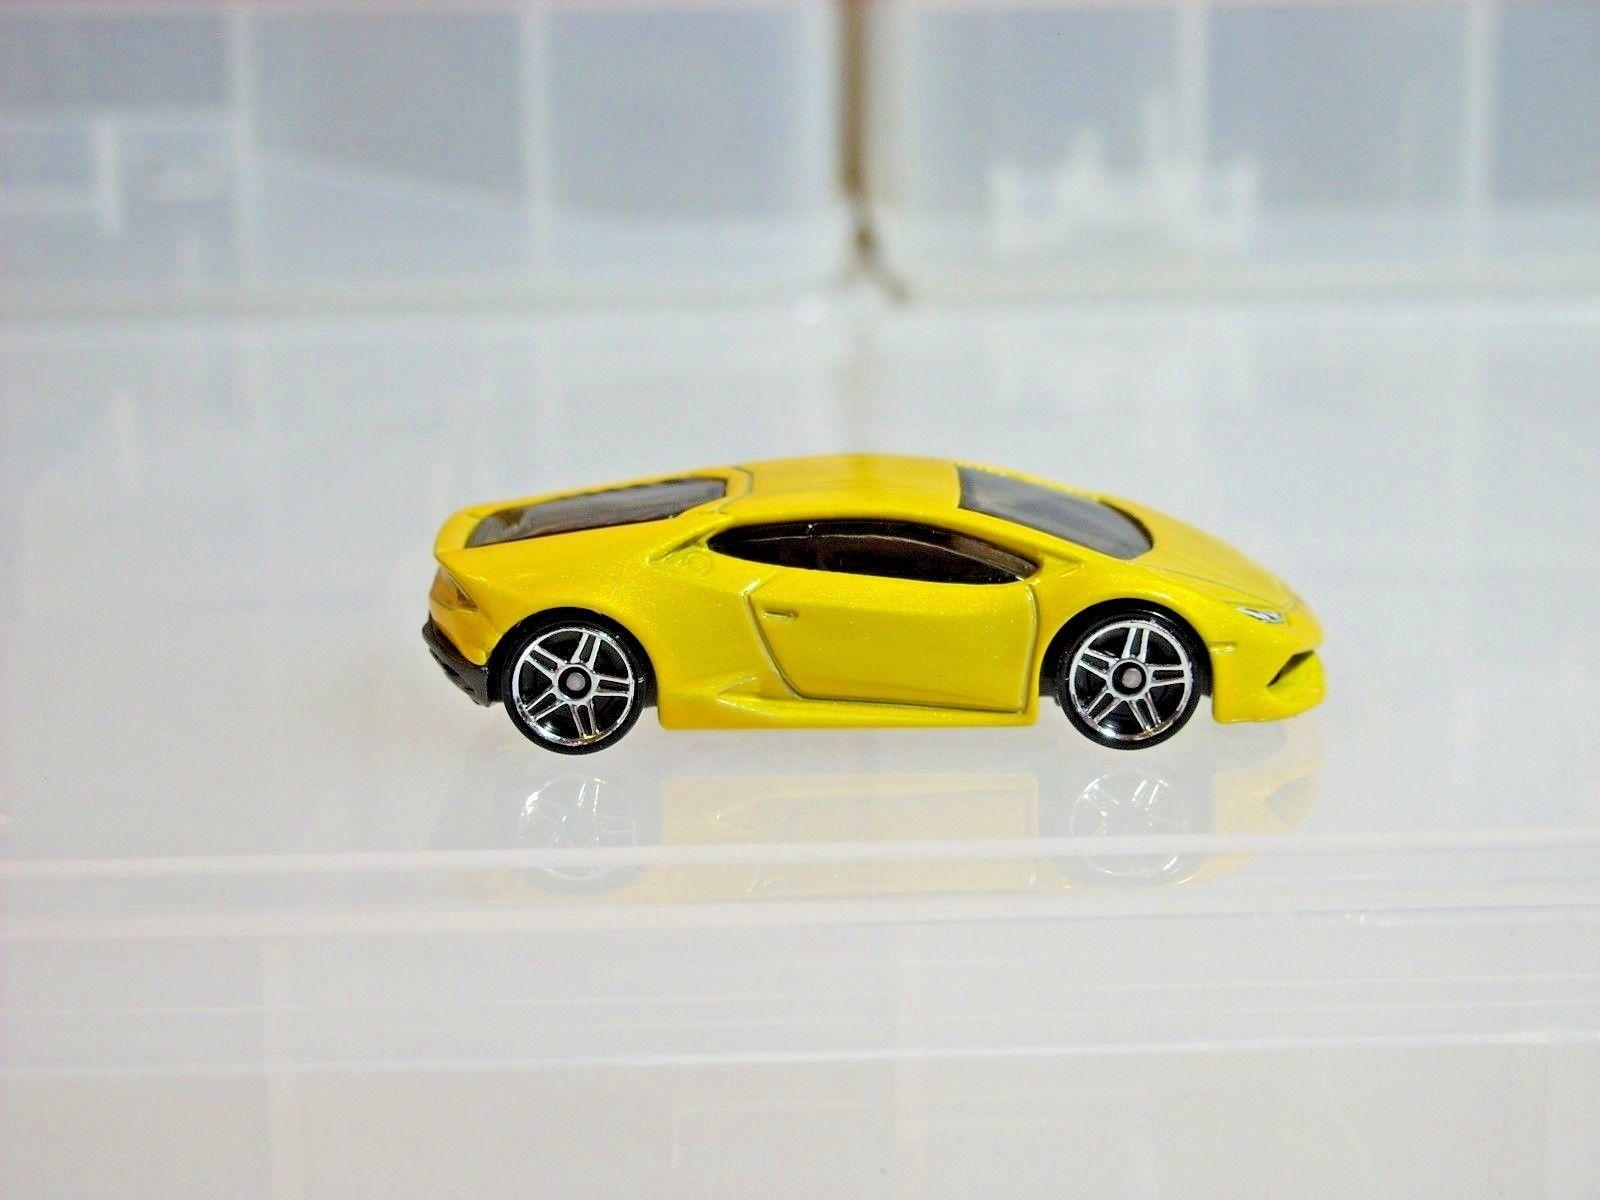 Great Hot Wheels Lamborghini Huracan Lp 610 4 Yellow 2015